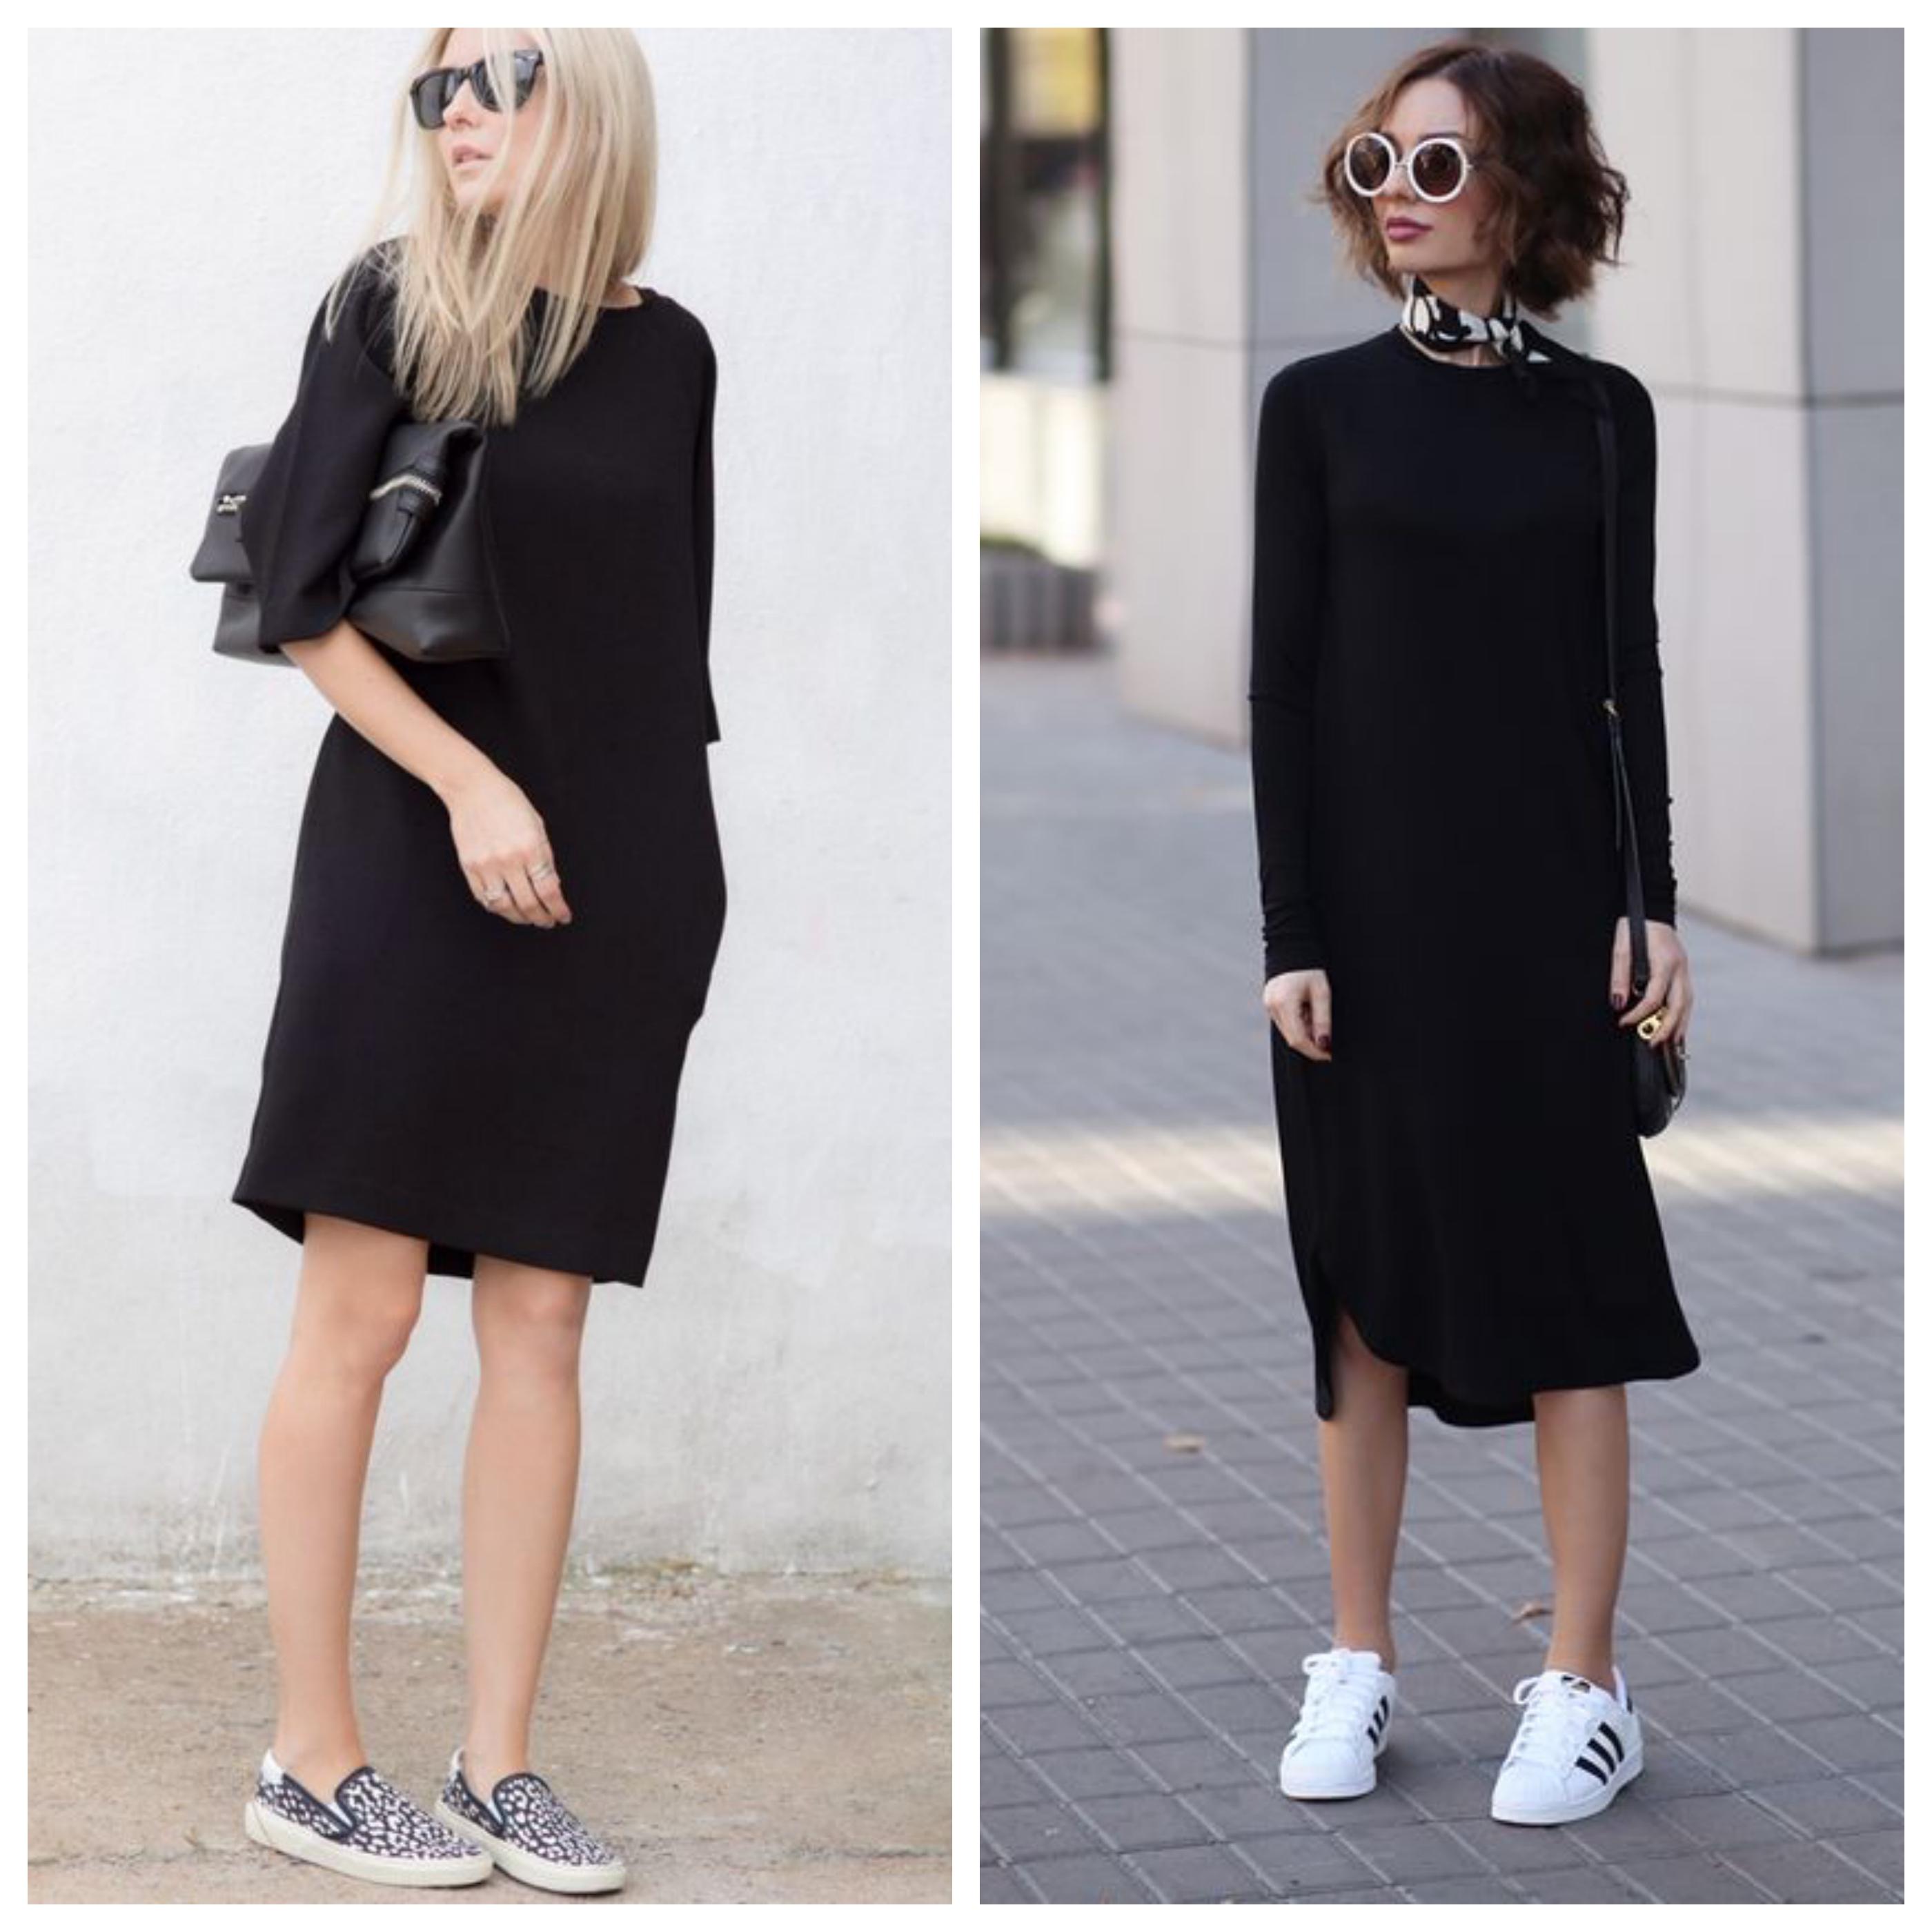 Маленькое черное платье с кроссовками